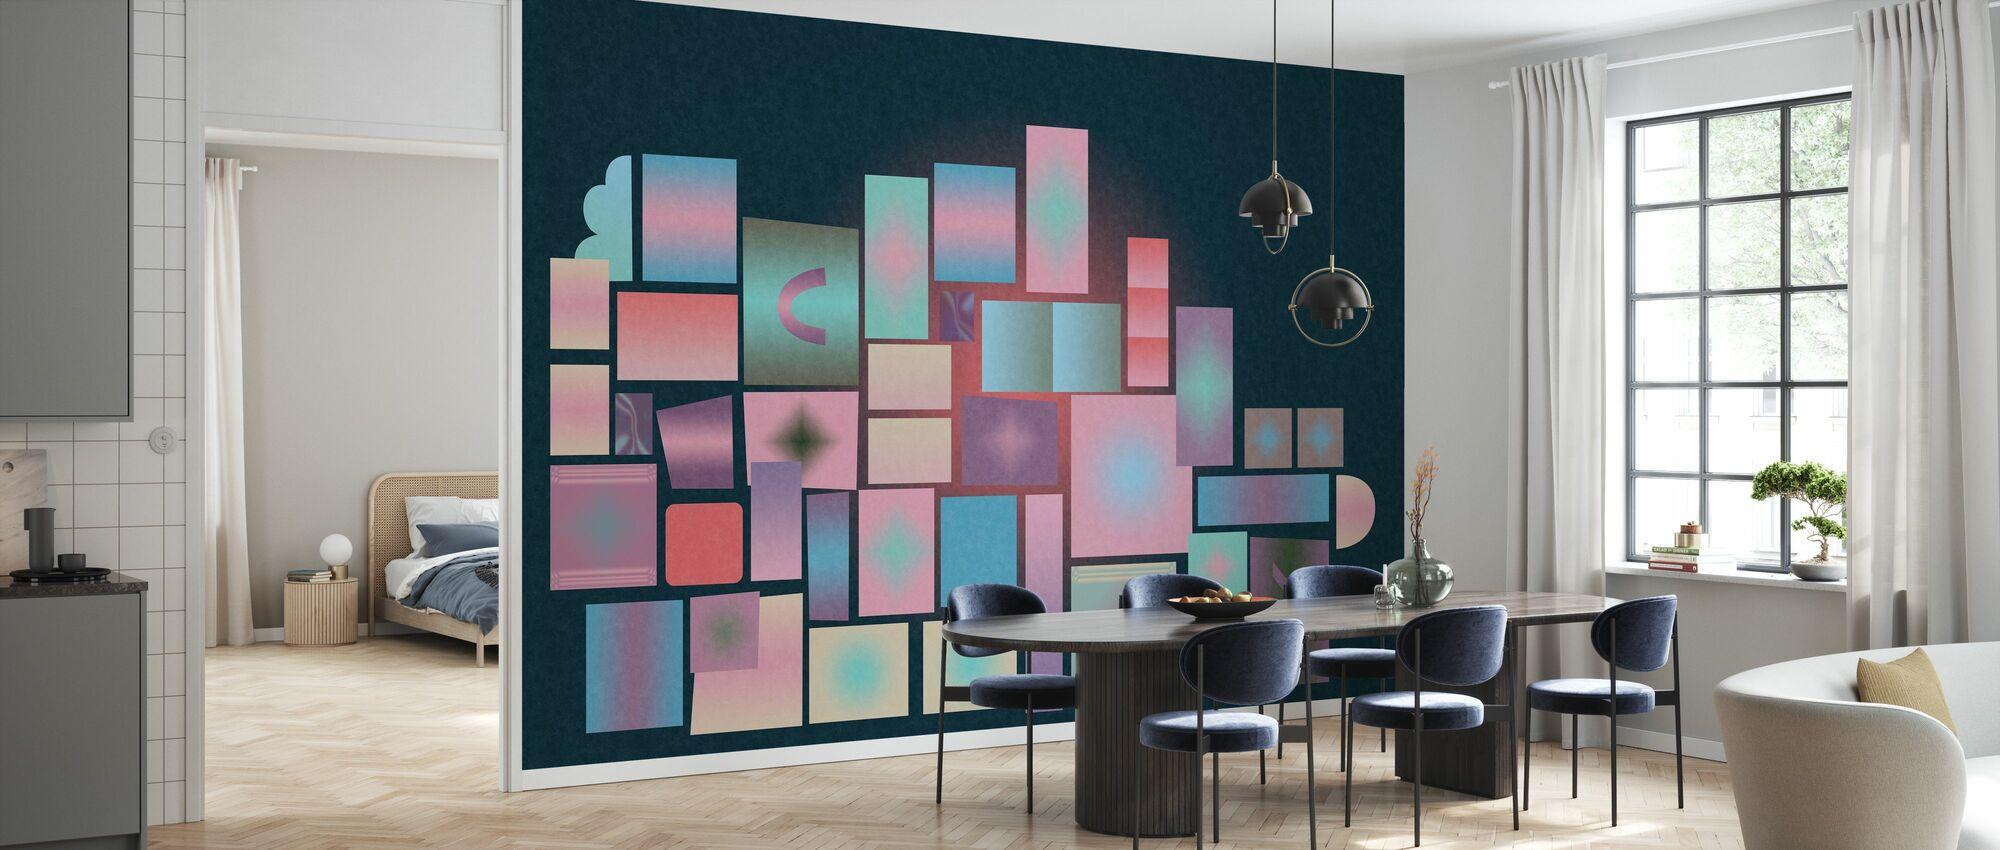 Dark Blocks - Wallpaper - Kitchen